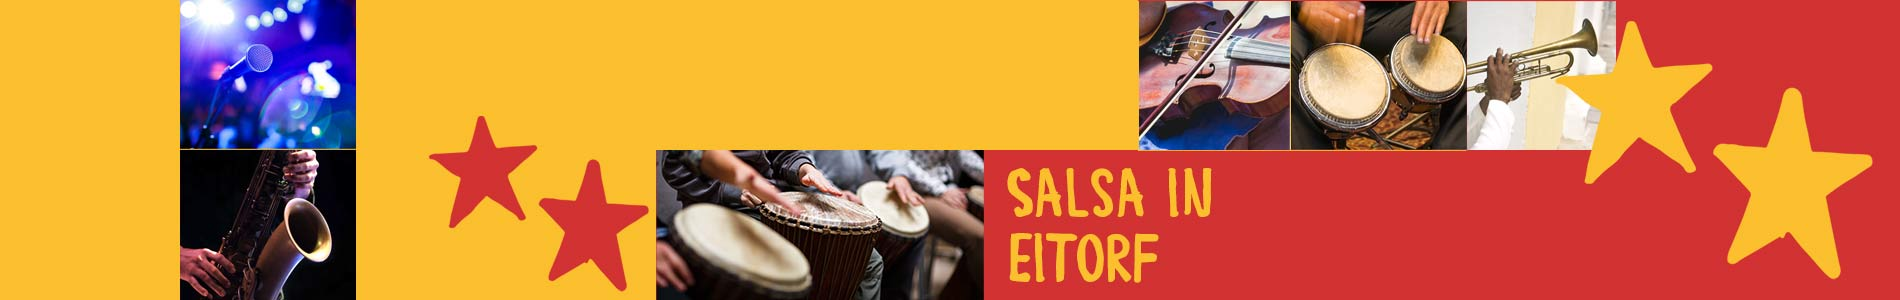 Salsa in Eitorf – Salsa lernen und tanzen, Tanzkurse, Partys, Veranstaltungen